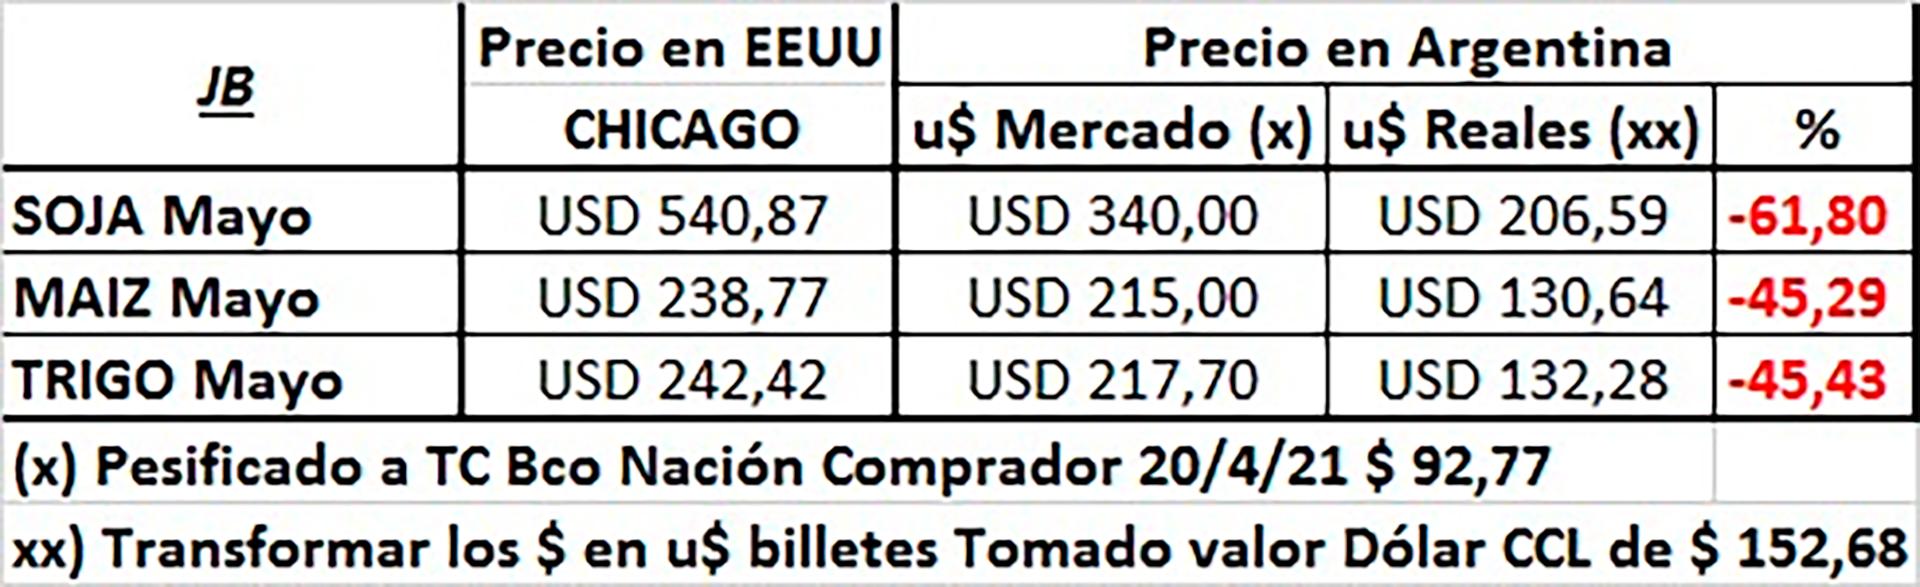 Los precios internacionales y su impacto en la plaza local (Javier Buján)